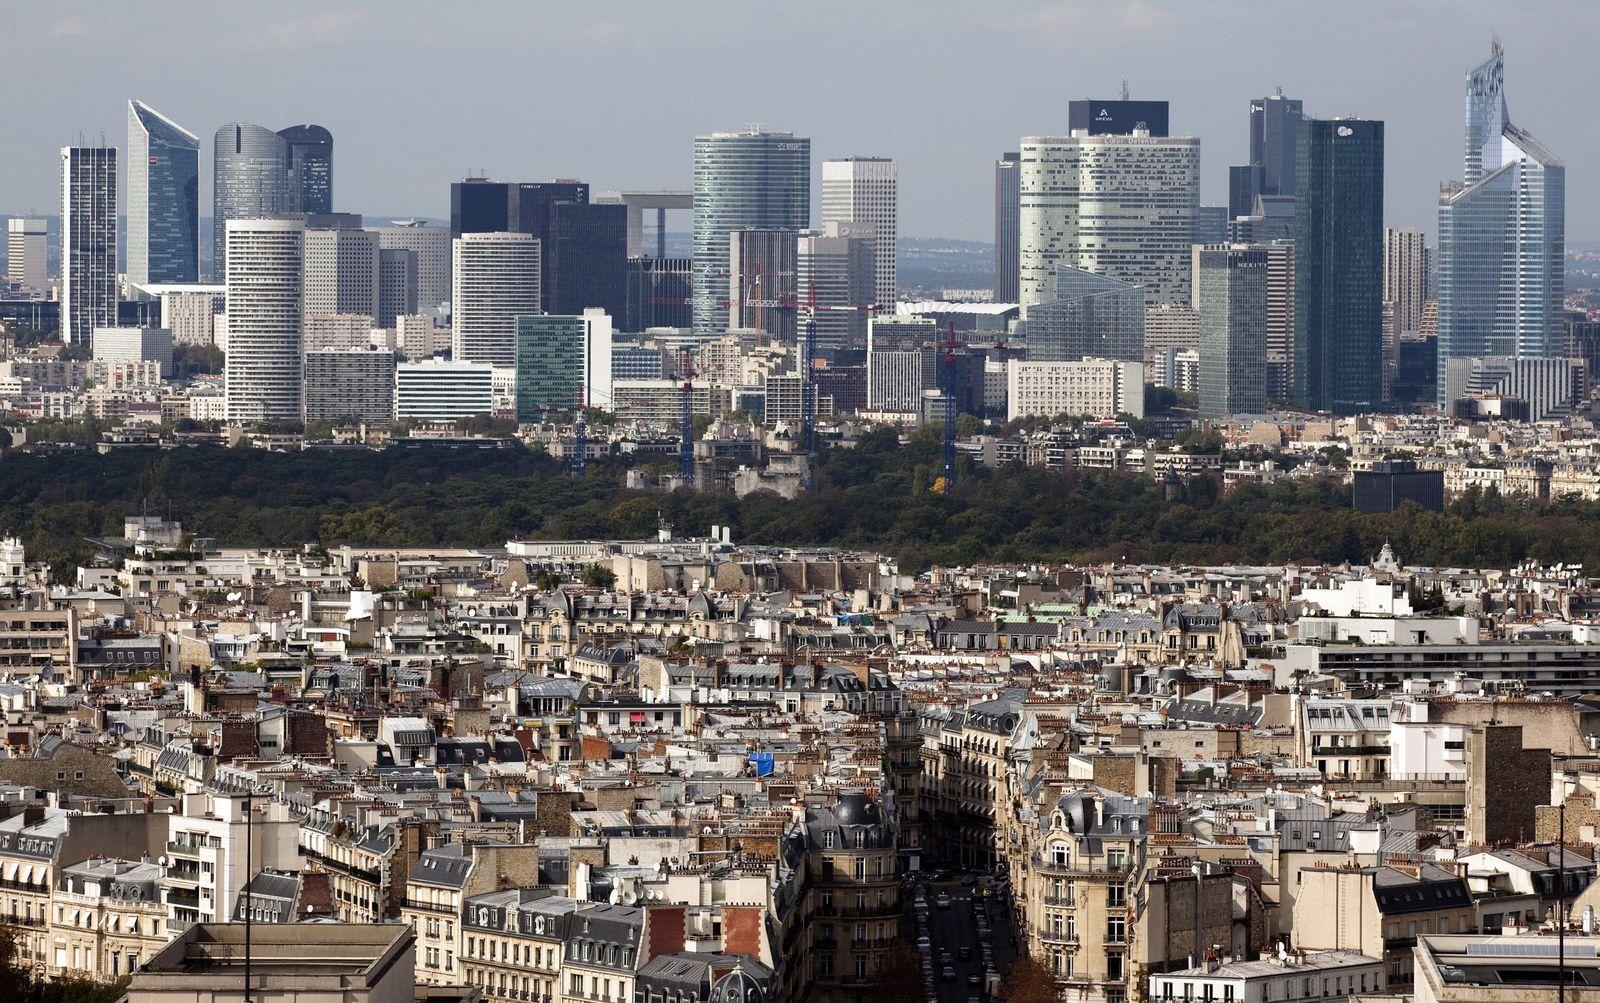 Paris/ La Defense